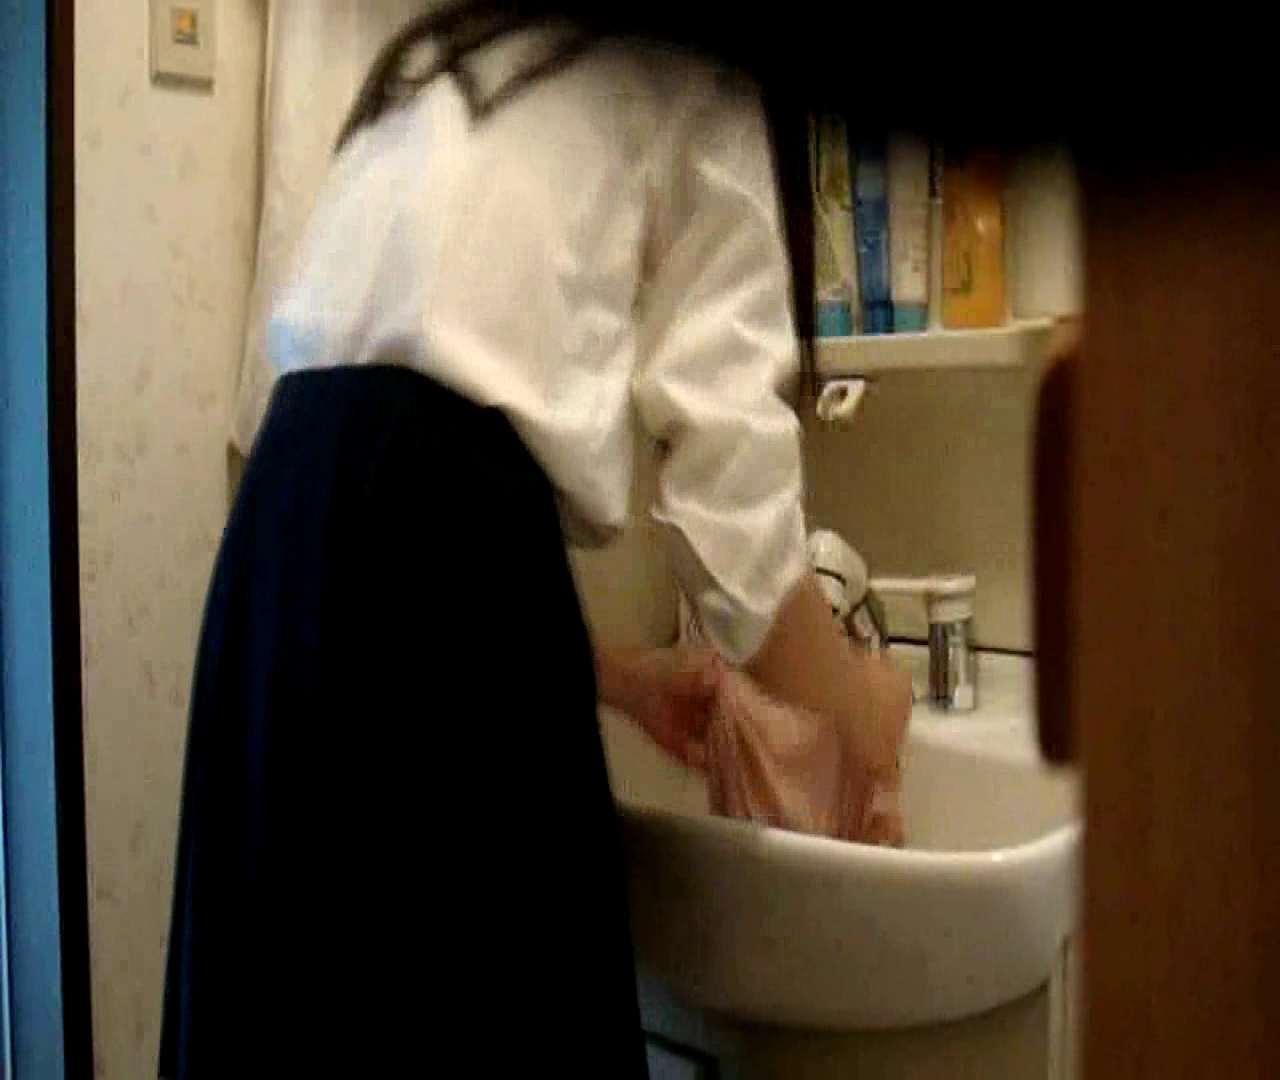 二人とも育てた甲斐がありました… vol.05 まどかが洗顔後にブラを洗濯 HなOL | 0  98pic 97